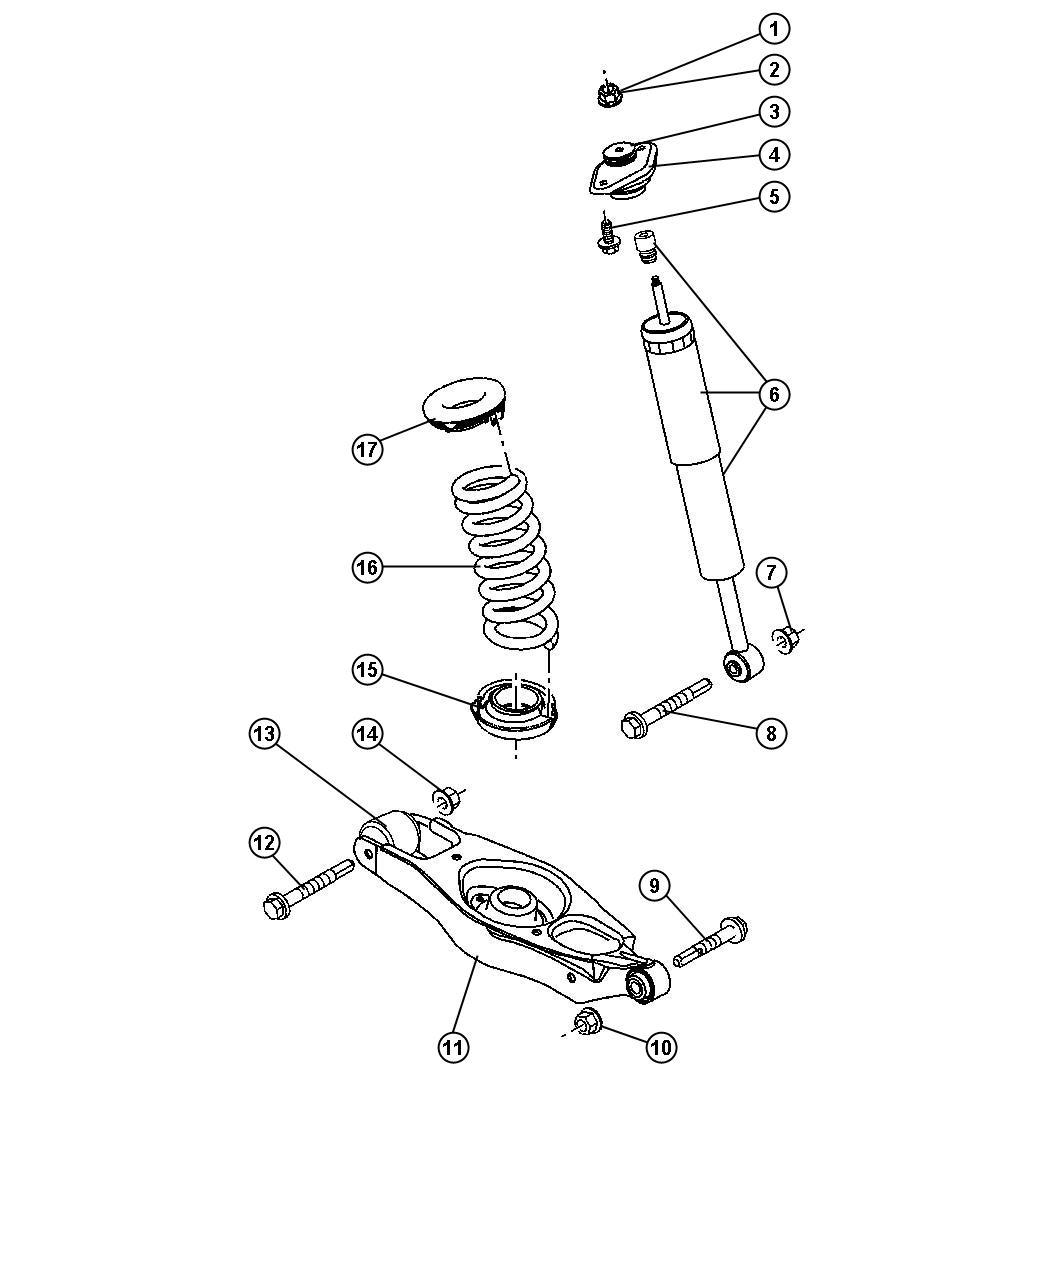 Dodge Charger Isolator  Spring  Upper  Suspension  Shocks  Rear